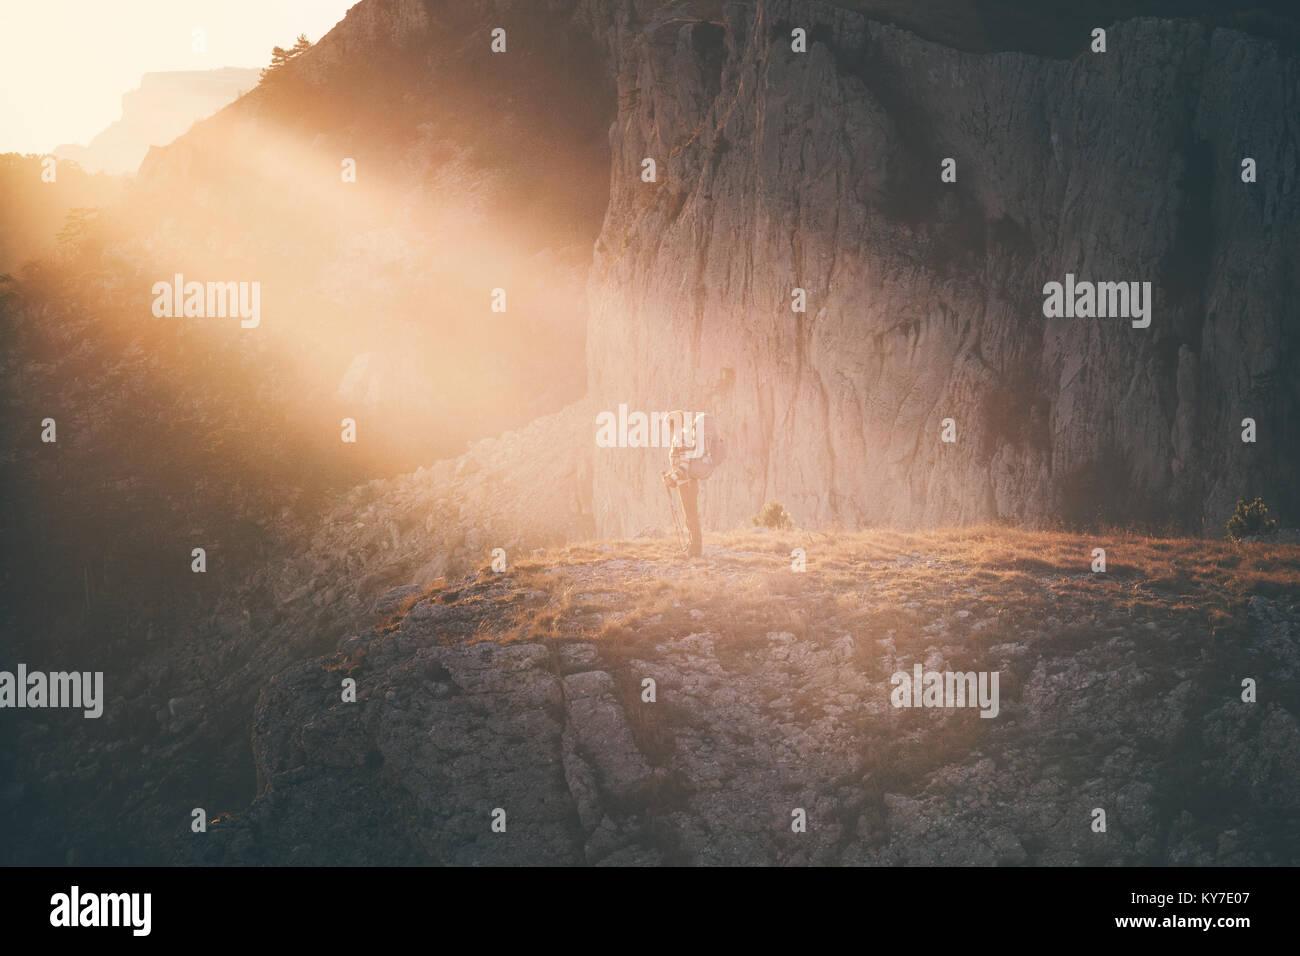 Frau Reisenden mit Rucksack wandern auf Klippe Reisen Lifestyle Konzept Abenteuer aktiv Urlaub Outdoor Rocky Mountains Stockbild